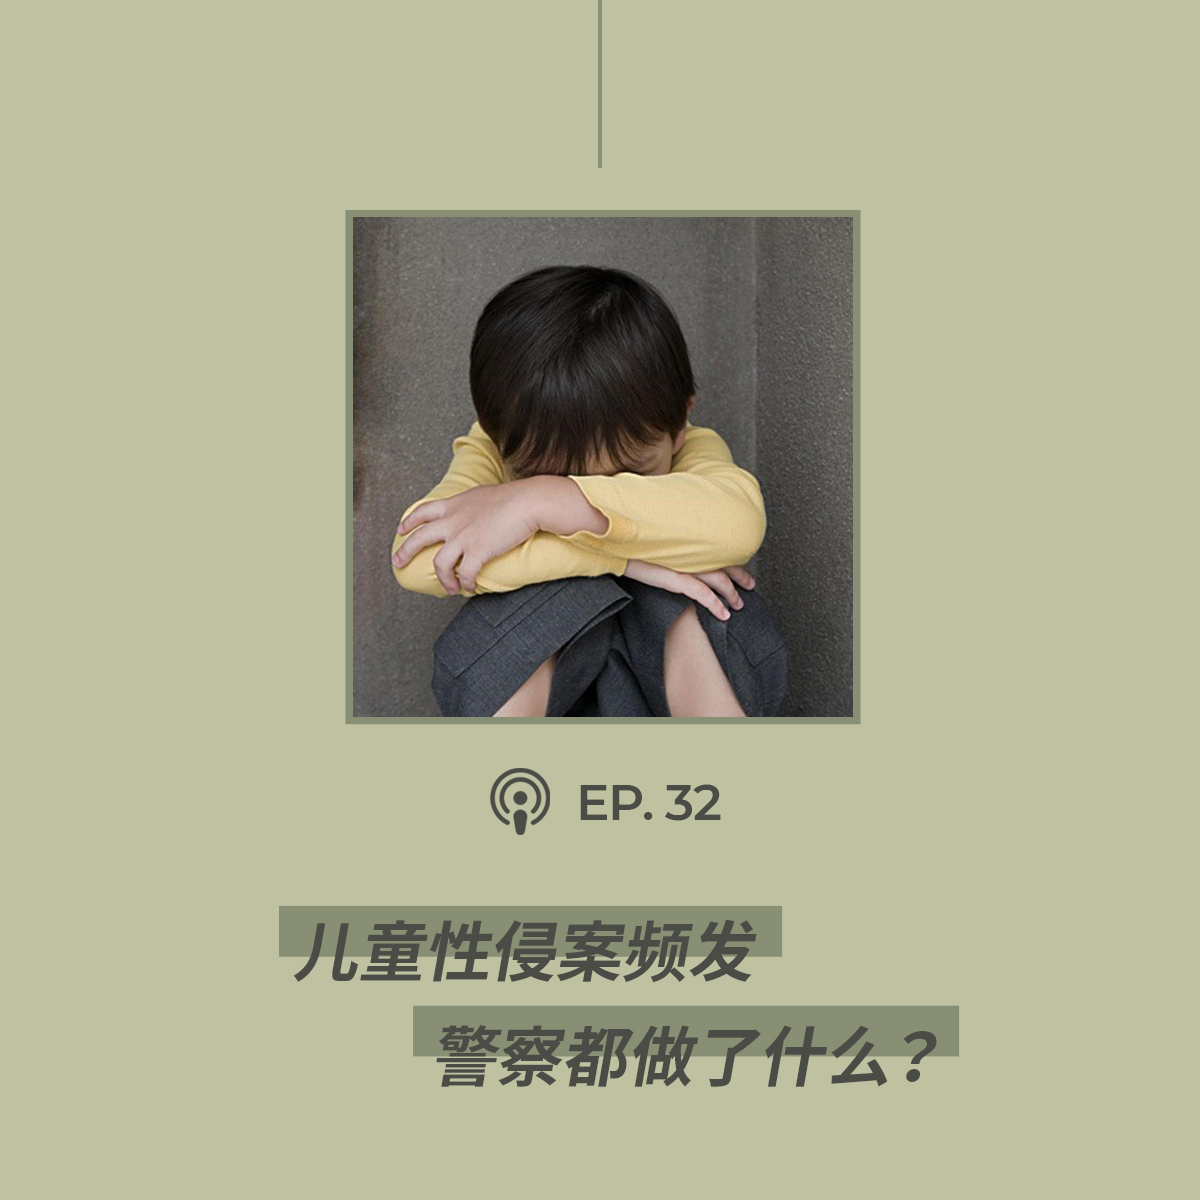 【第32期】儿童性侵案频发,警察都做了什么?